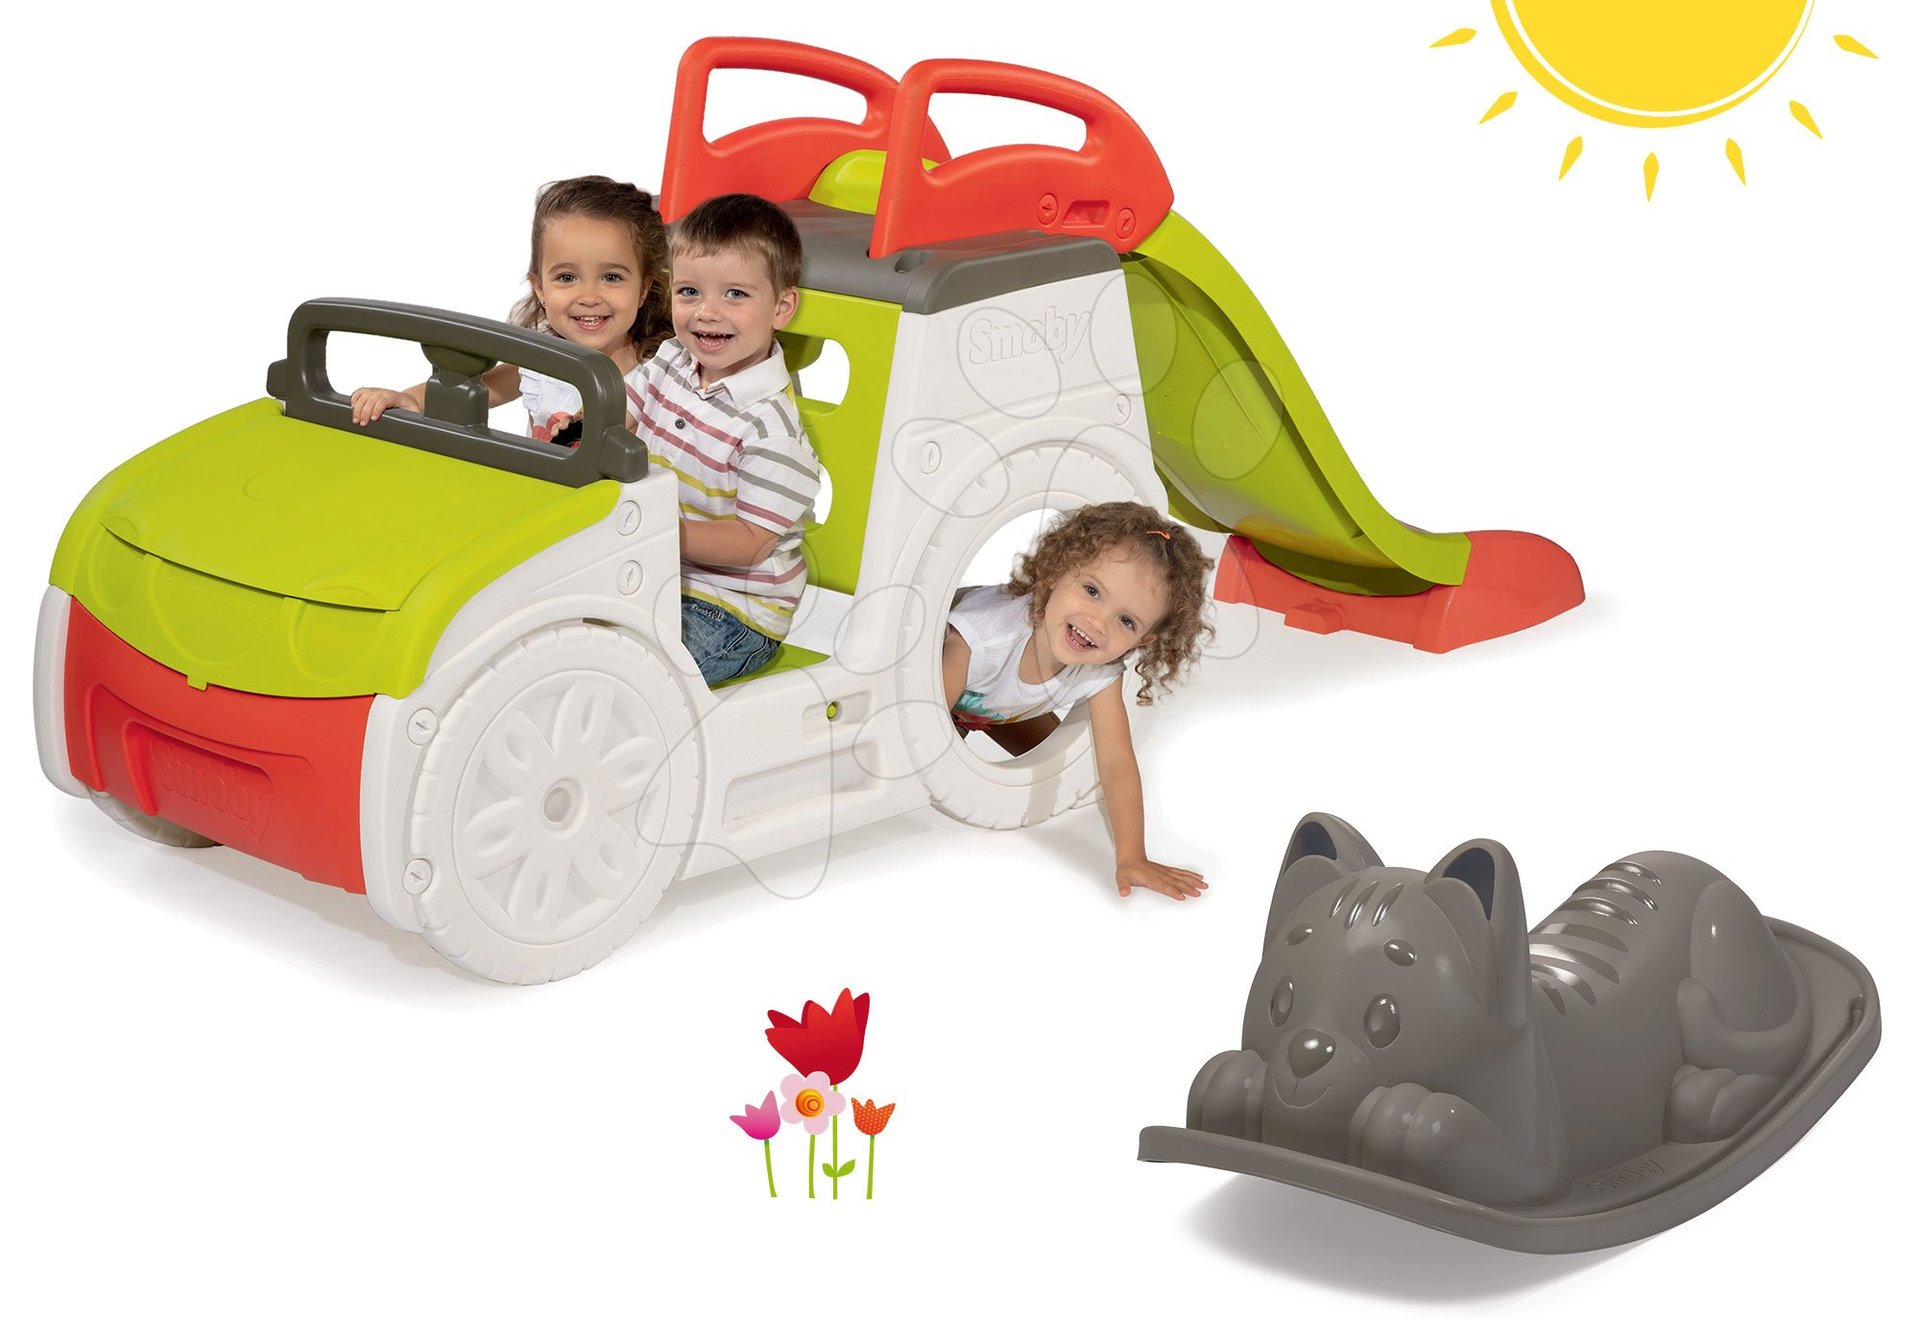 Smoby set prolézačka Adventure Car a houpačka Kocour 840200-19-B